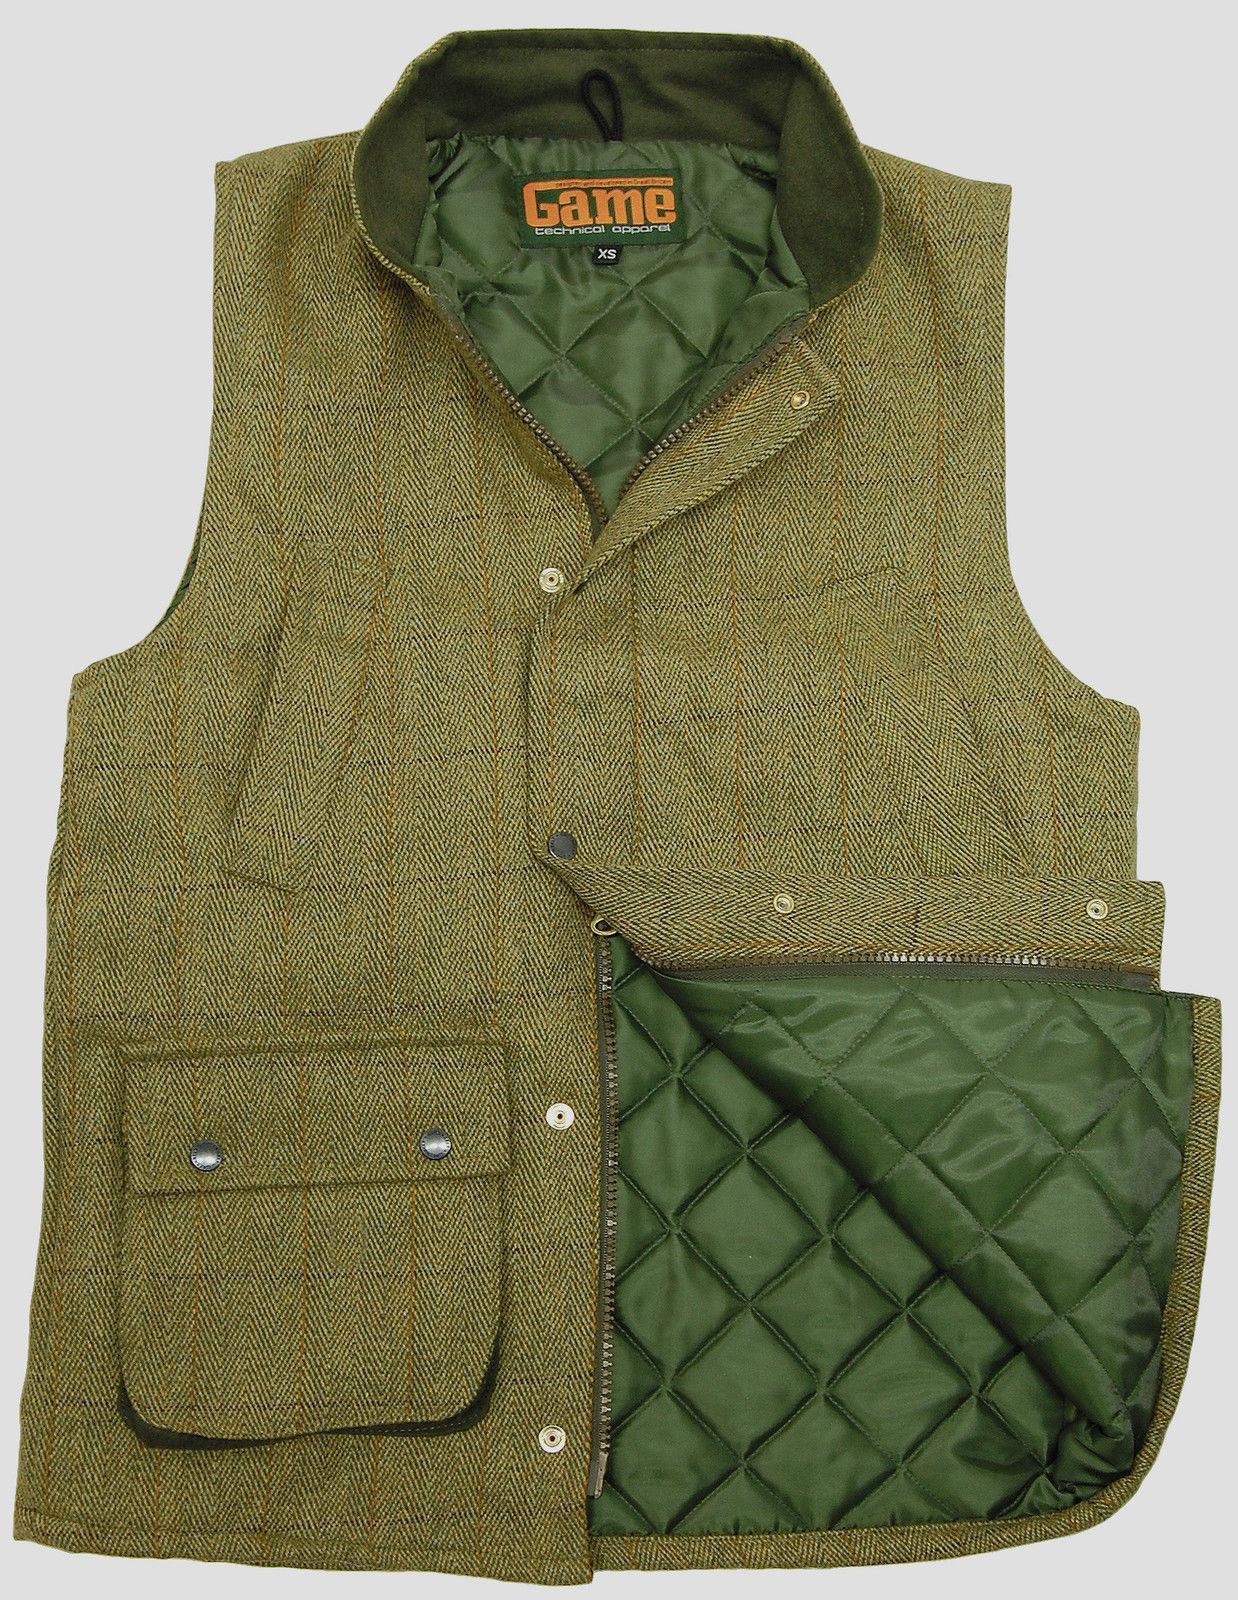 Game Mens Tweed Gilet Hunting Shooting Bodywarmer Waistcoat Dark Light Derby New